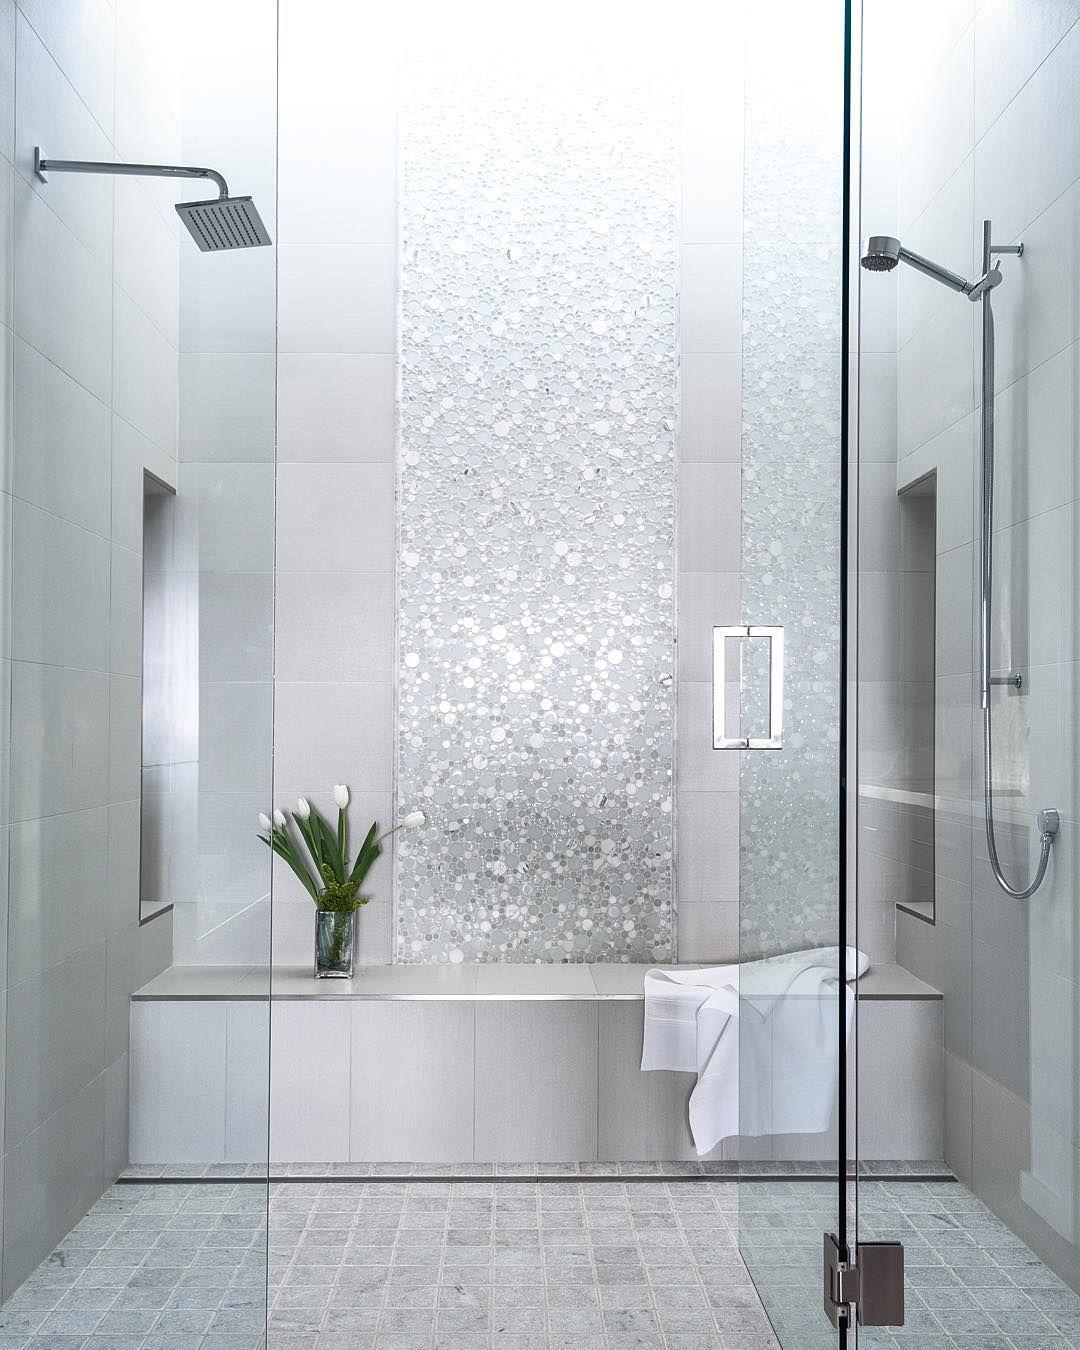 Visual eye candy how to tile a herringbone floor part i - Procelanosa Cubica Blanco Or Pamesa Capua Wall Tile In Bathroom Looks Like Shny